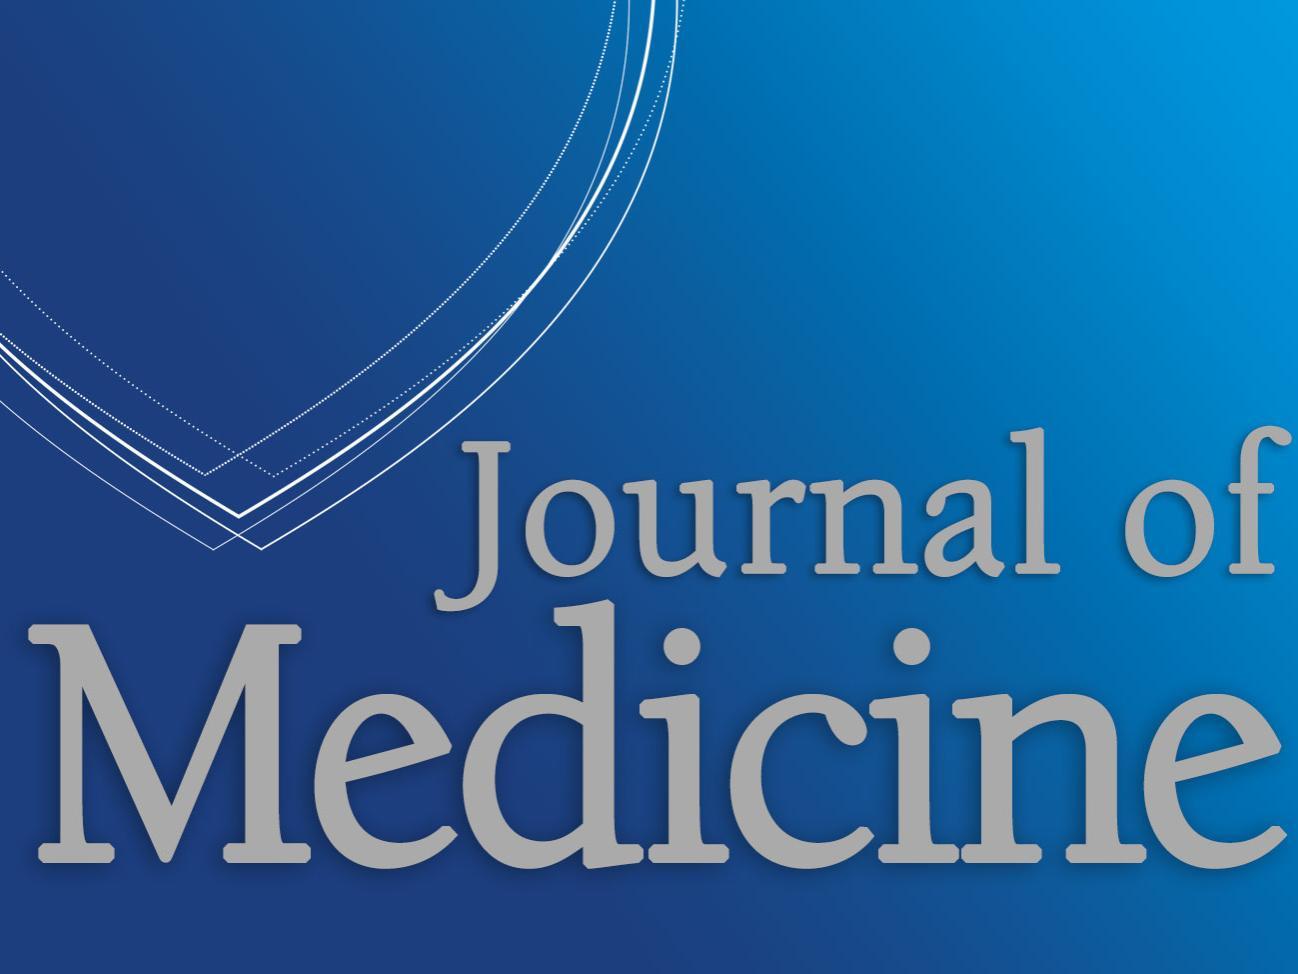 PSU Journal of Medicine